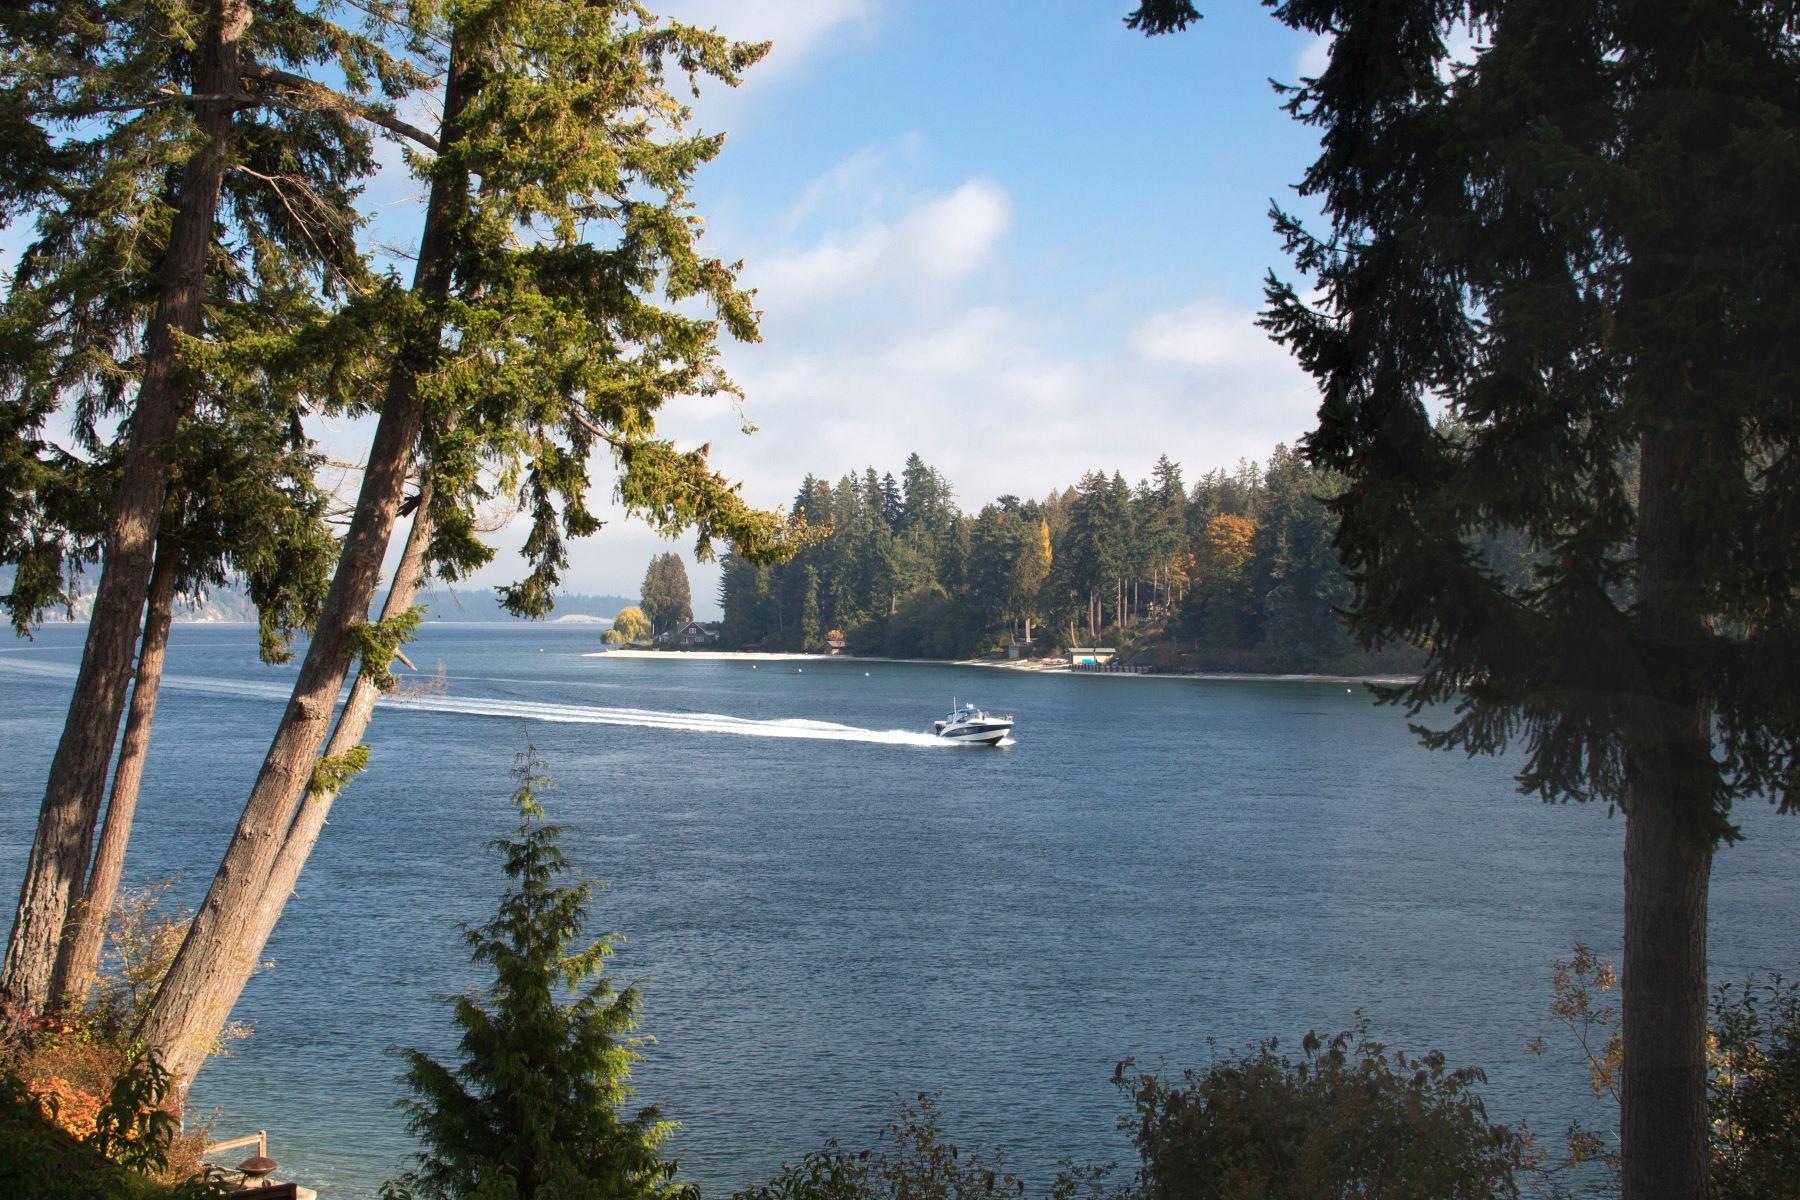 Single Family Homes for Sale at 16964 Angeline Avenue S NE, Suquamish, WA 98110 16964 Angeline Avenue South NE Suquamish, Washington 98110 United States